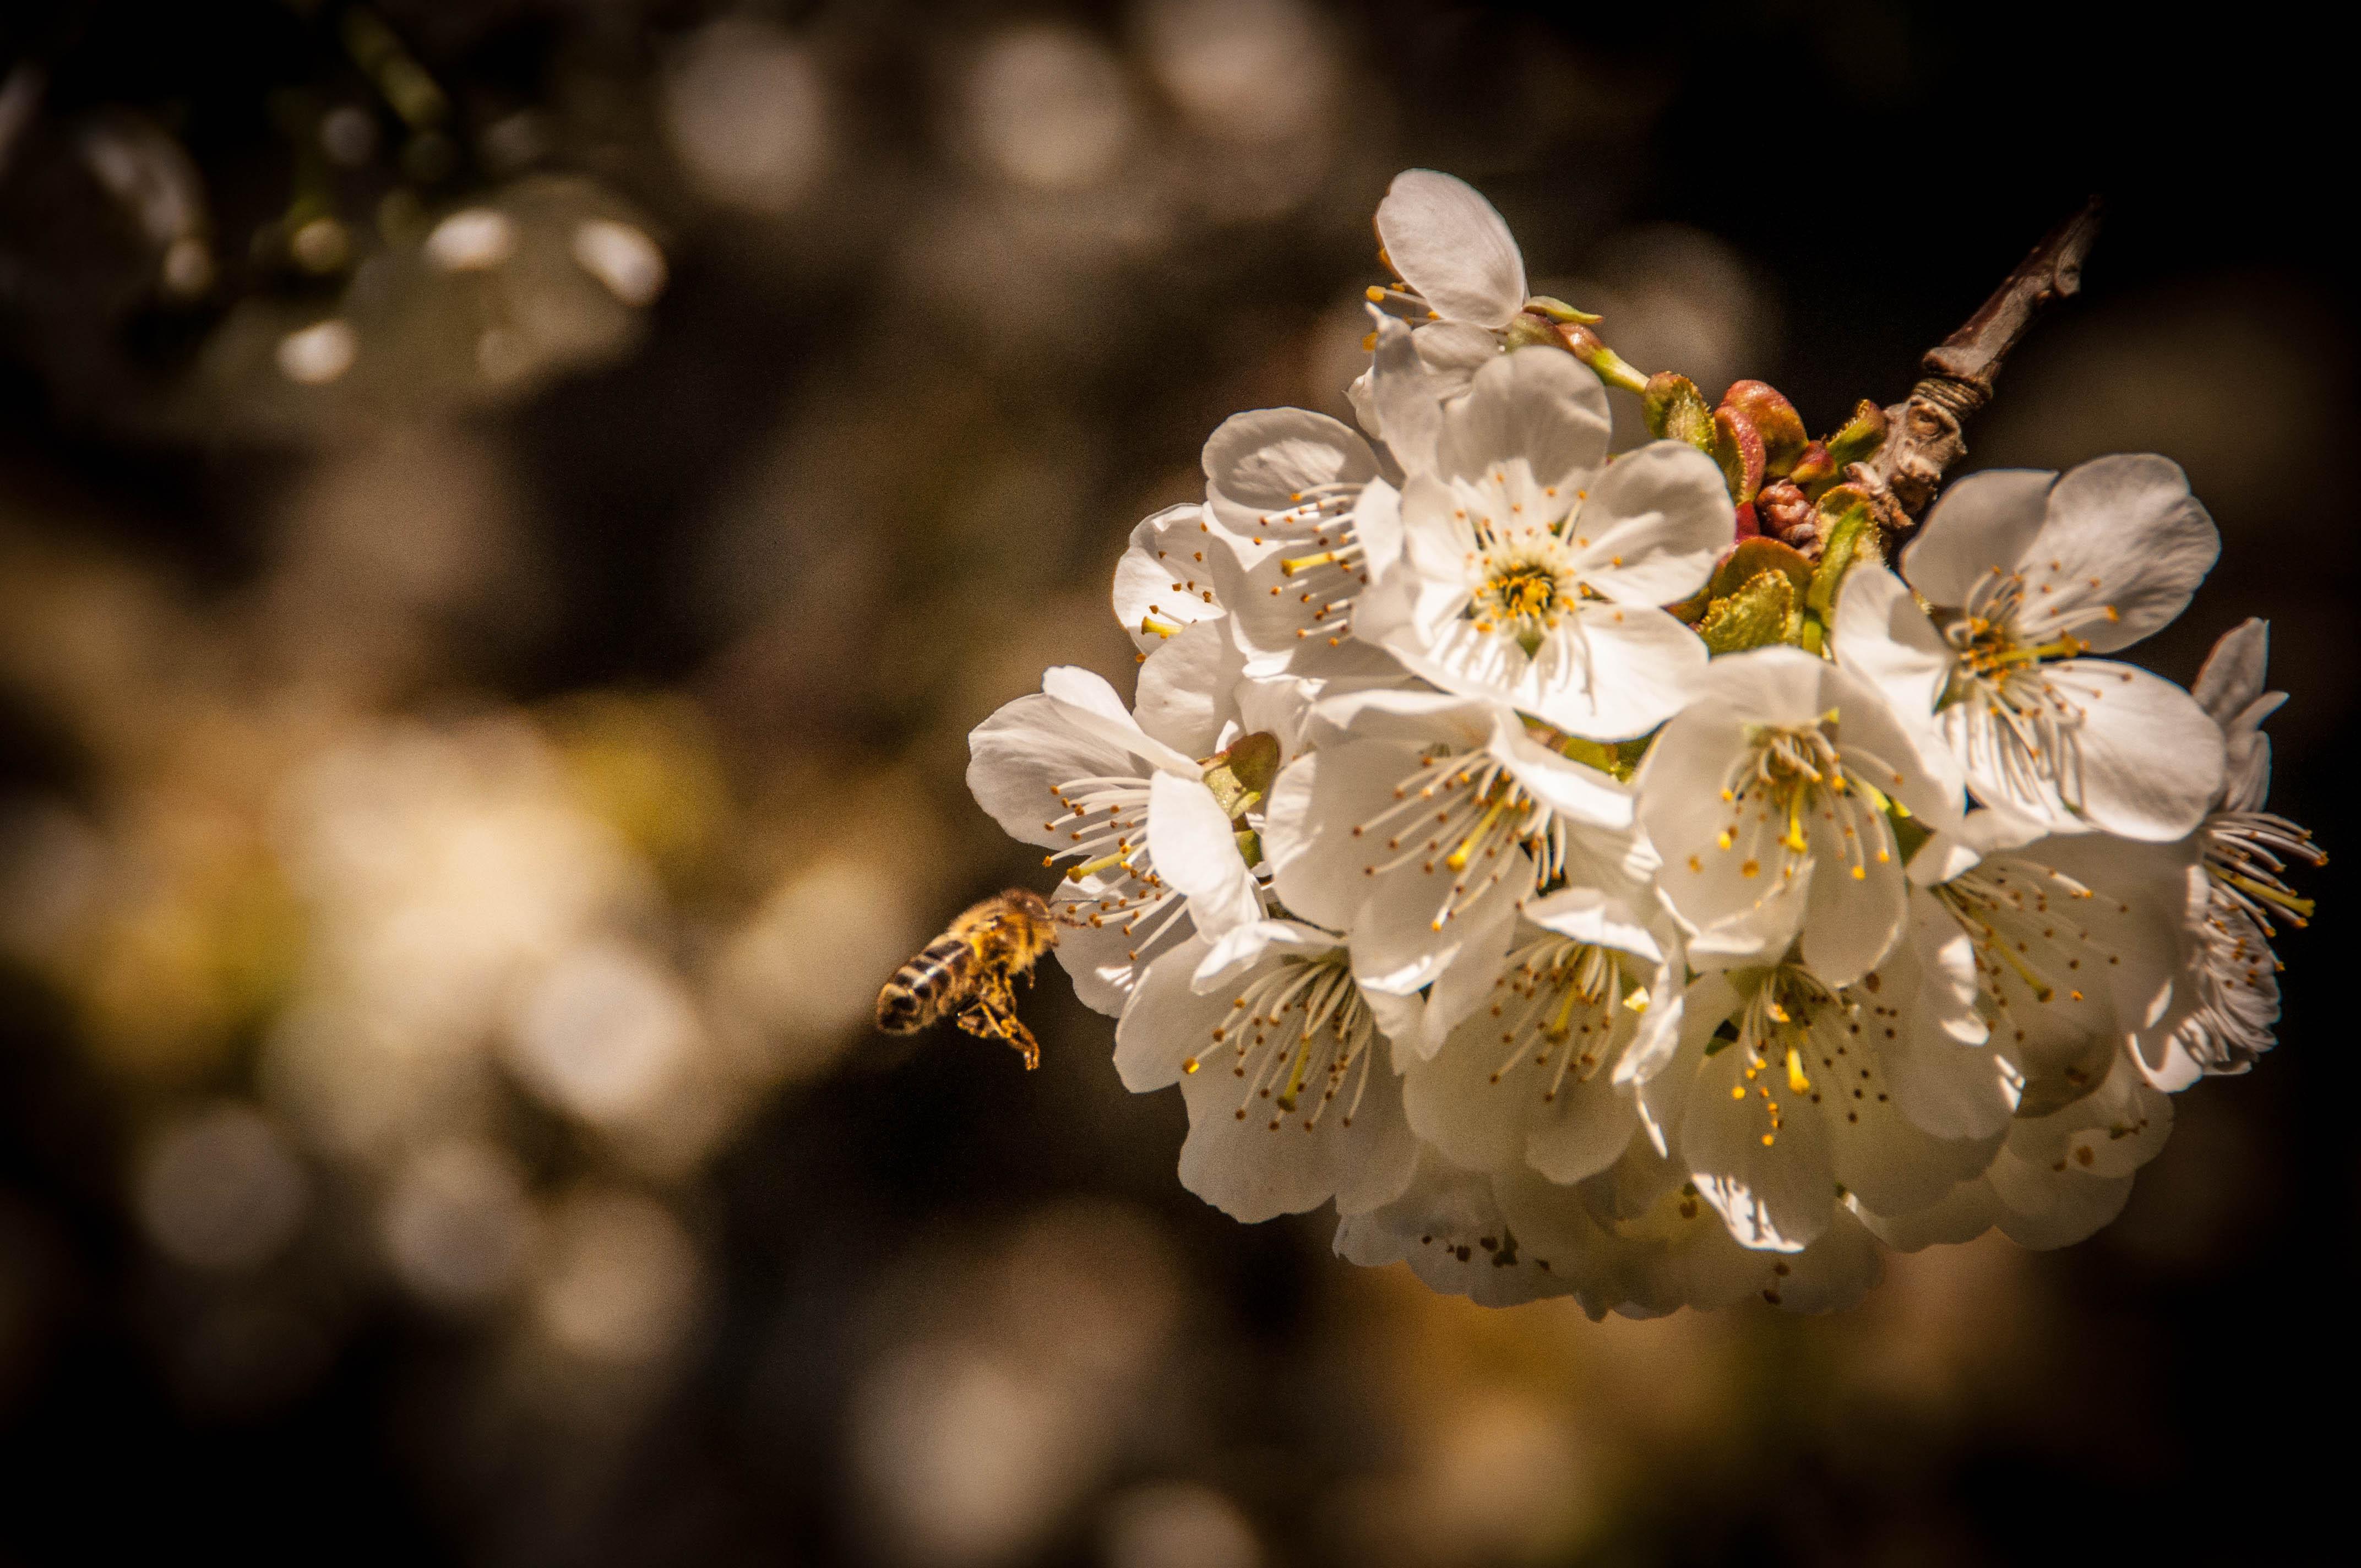 polinización de cerezo Las Obreras de Aliste